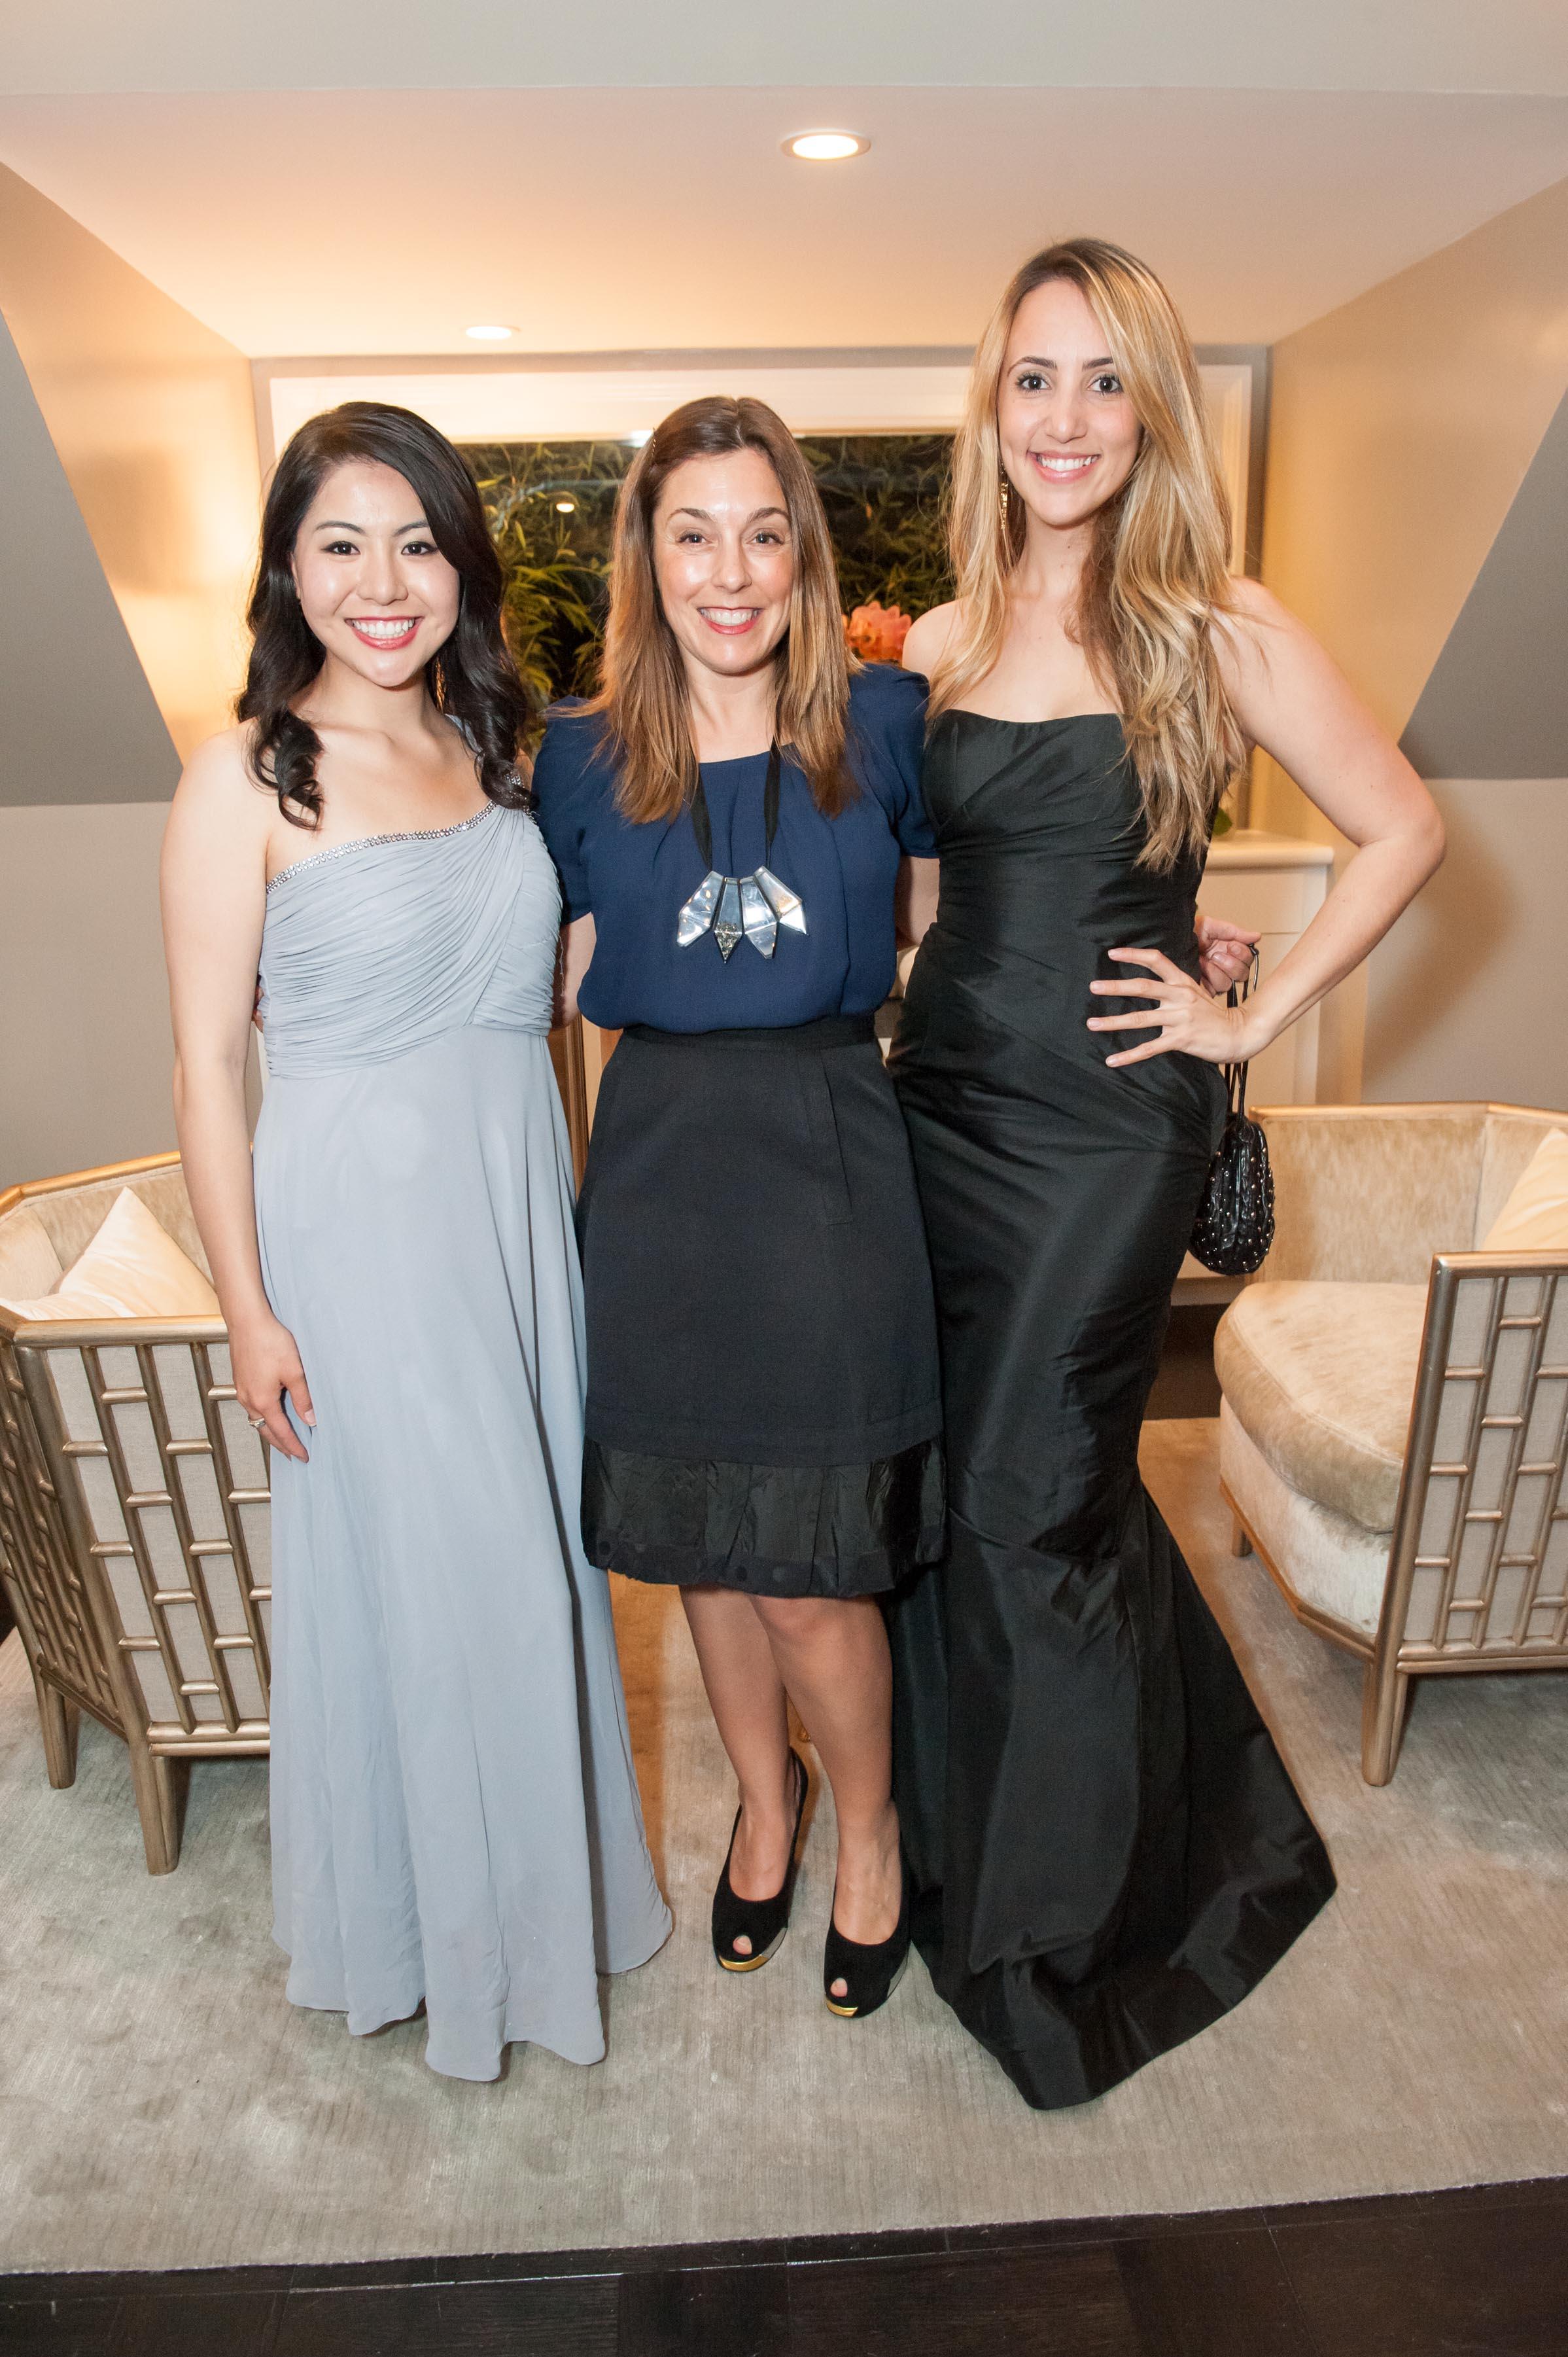 Karen Villanueva, Kendra Reichenau, Julianna Marinho